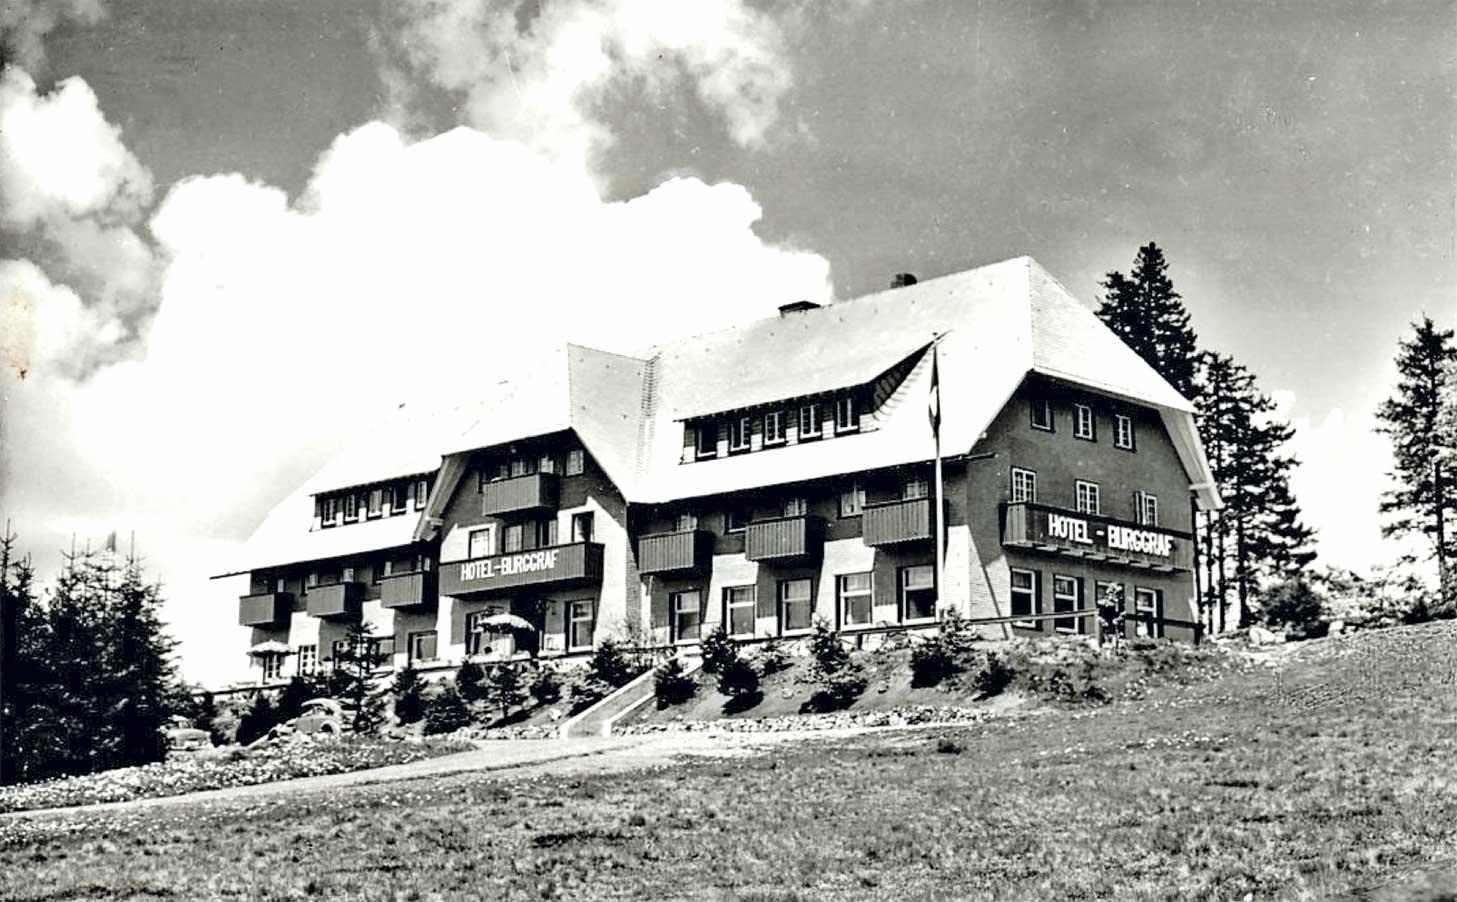 Hotel Burggraf 1950